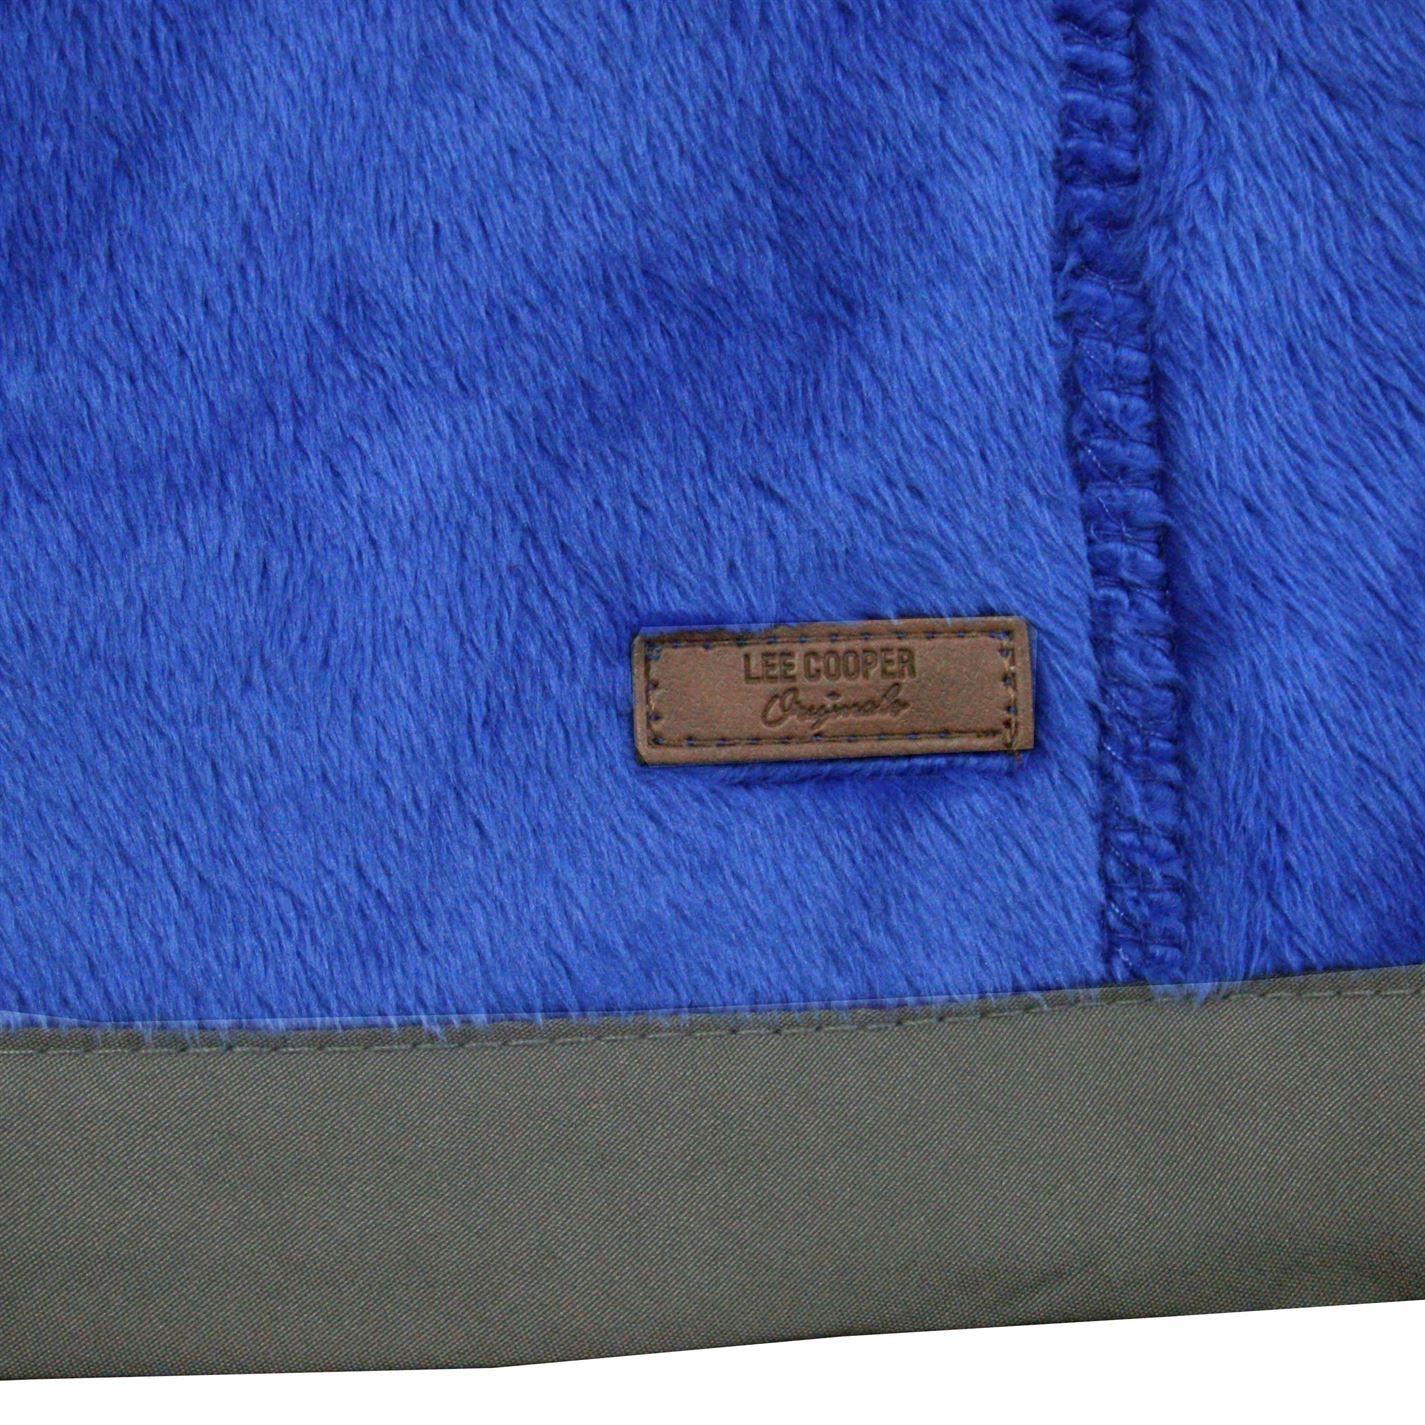 Lee-Cooper-Mens-Teddy-Fleece-Jacket-Full-Zip-Top-Coat-Sweatshirt-Jumper-Warm thumbnail 23